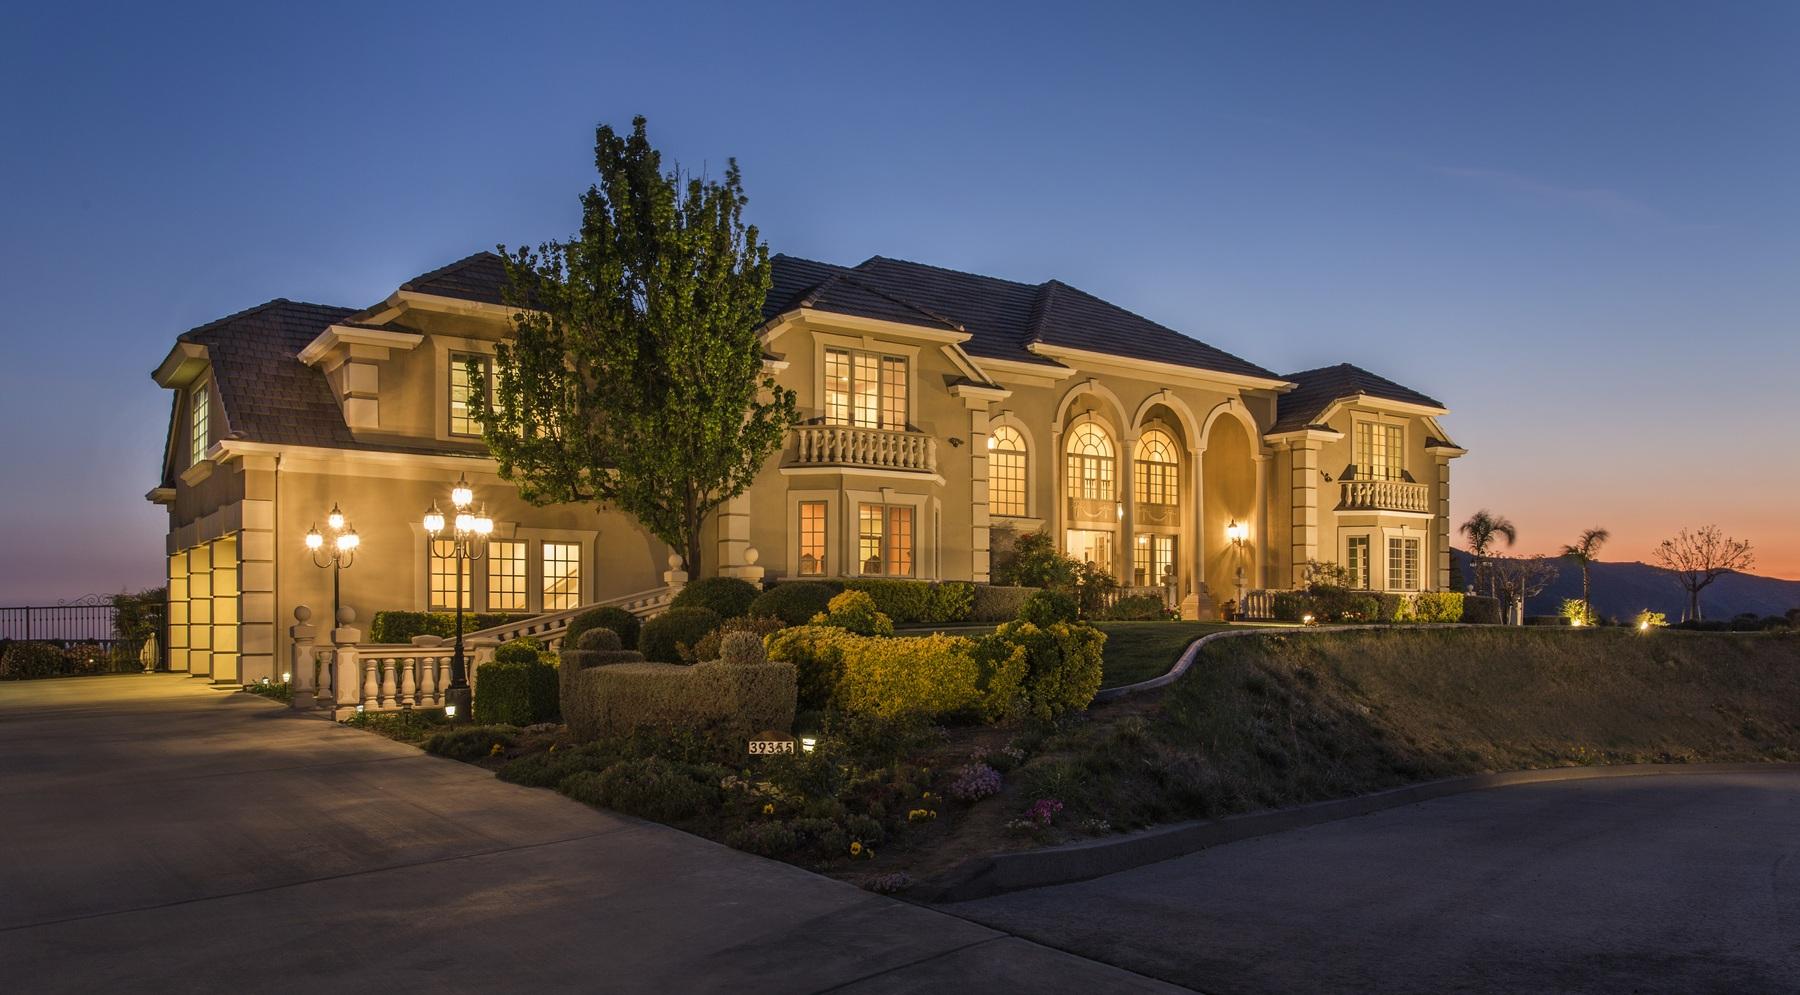 Villa per Vendita alle ore 39355 Hidden Heights Yucaipa, California, 92399 Stati Uniti